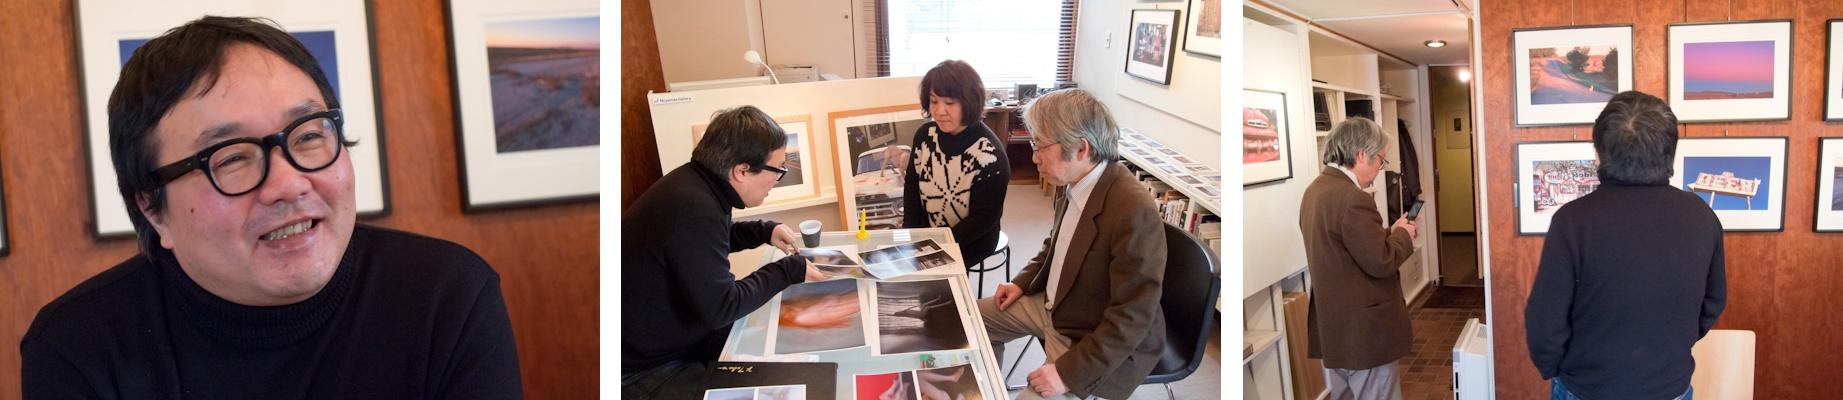 <b>Niiyama's Galleryにて。オーナー新山洋一さんとスタッフの相川淳子さんも加わって、意見交換しながら展示作品が絞られていく。最終的にどの作品が展示されたのかは、会場へ行ってみてのお楽しみだが10数点らしい。赤坂のビルの一室でこじんまりとしているので、目黒にあるコスモスギャラリーとはまた雰囲気が違って、ここもゆっくり話しながら作品を鑑賞出来るスペースだ。</b>